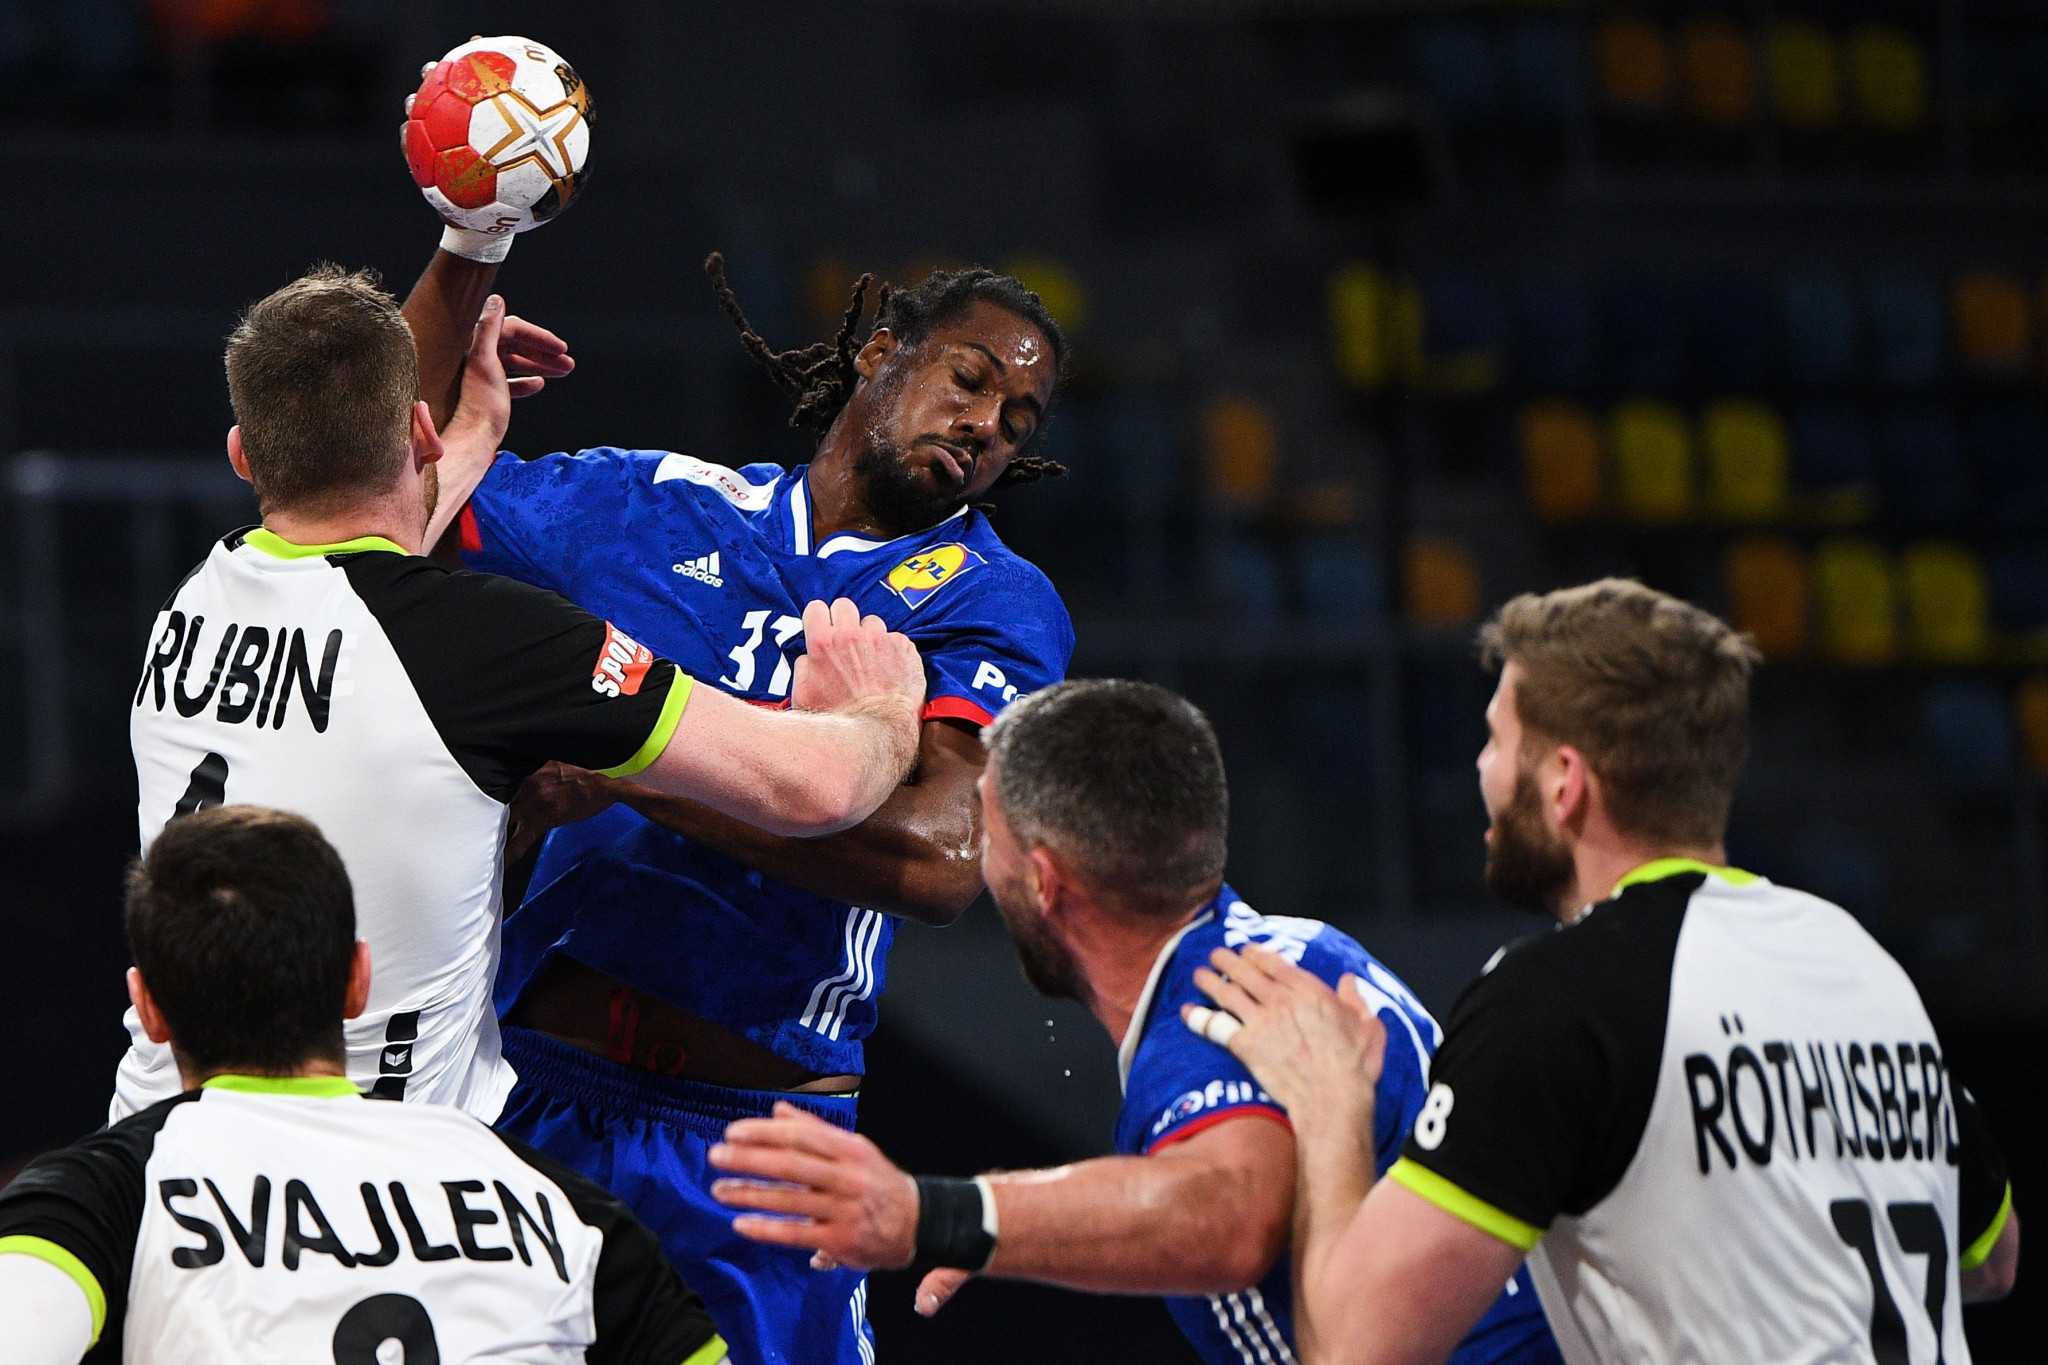 تتأهل فرنسا لدور بطولة كرة اليد للرجال IHF بعد فوزها في جميع مباريات الفريق الثلاث © Getty Images